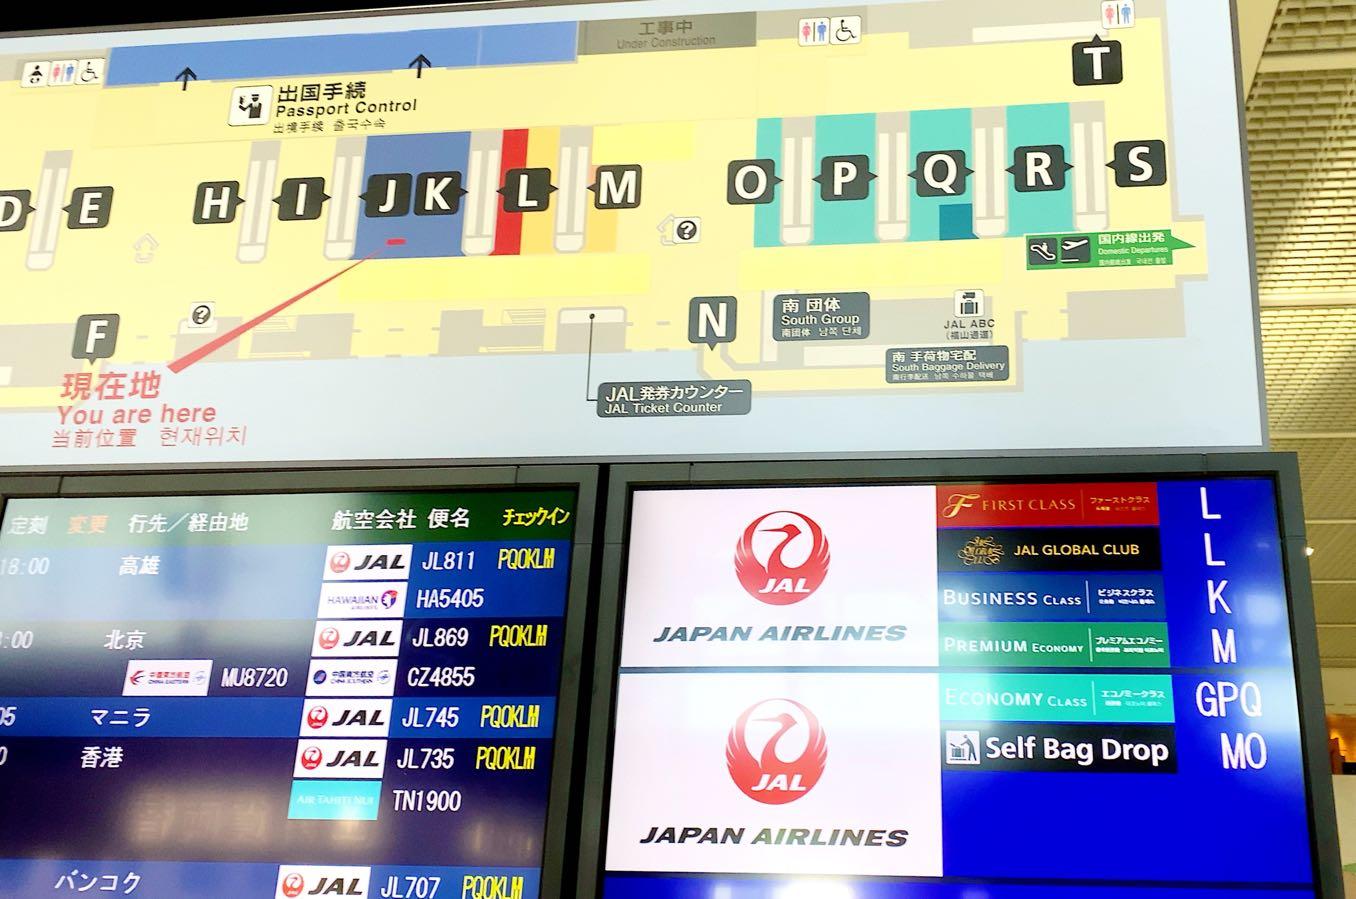 JALのチェックインカウンターの場所